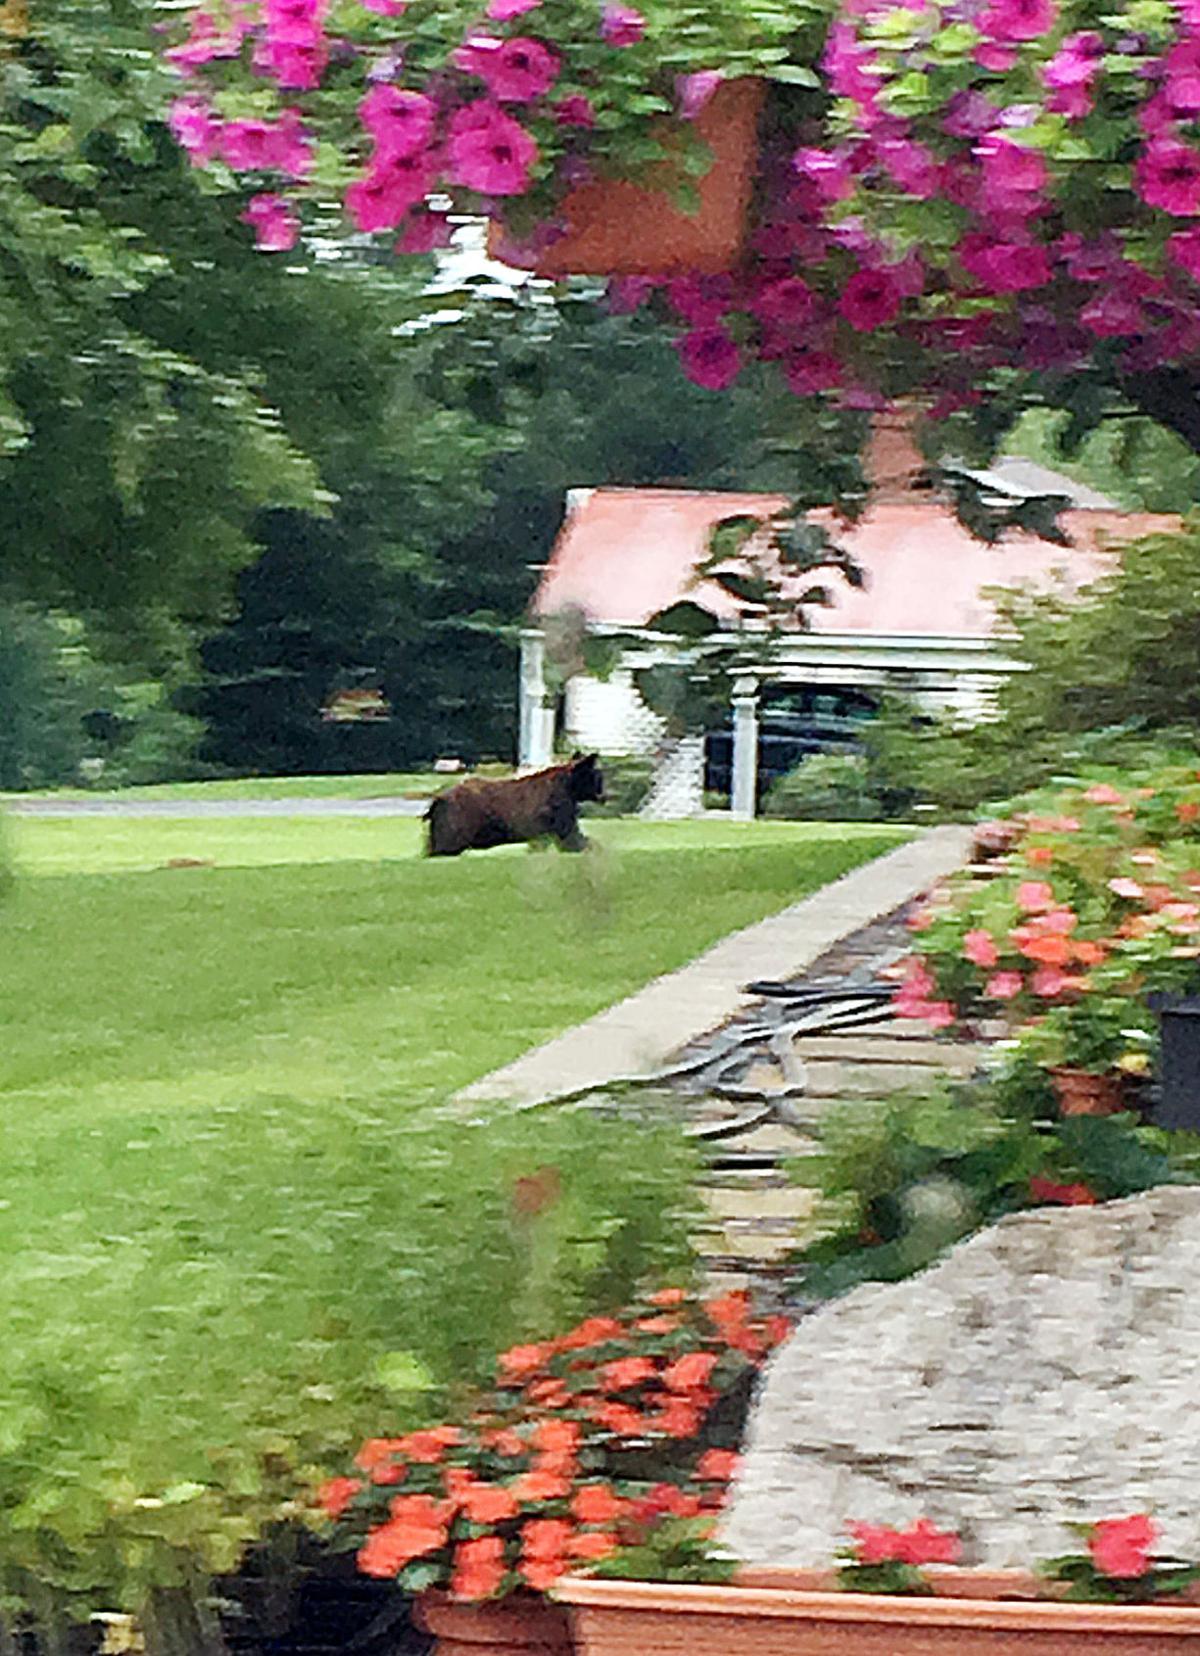 Bear in County